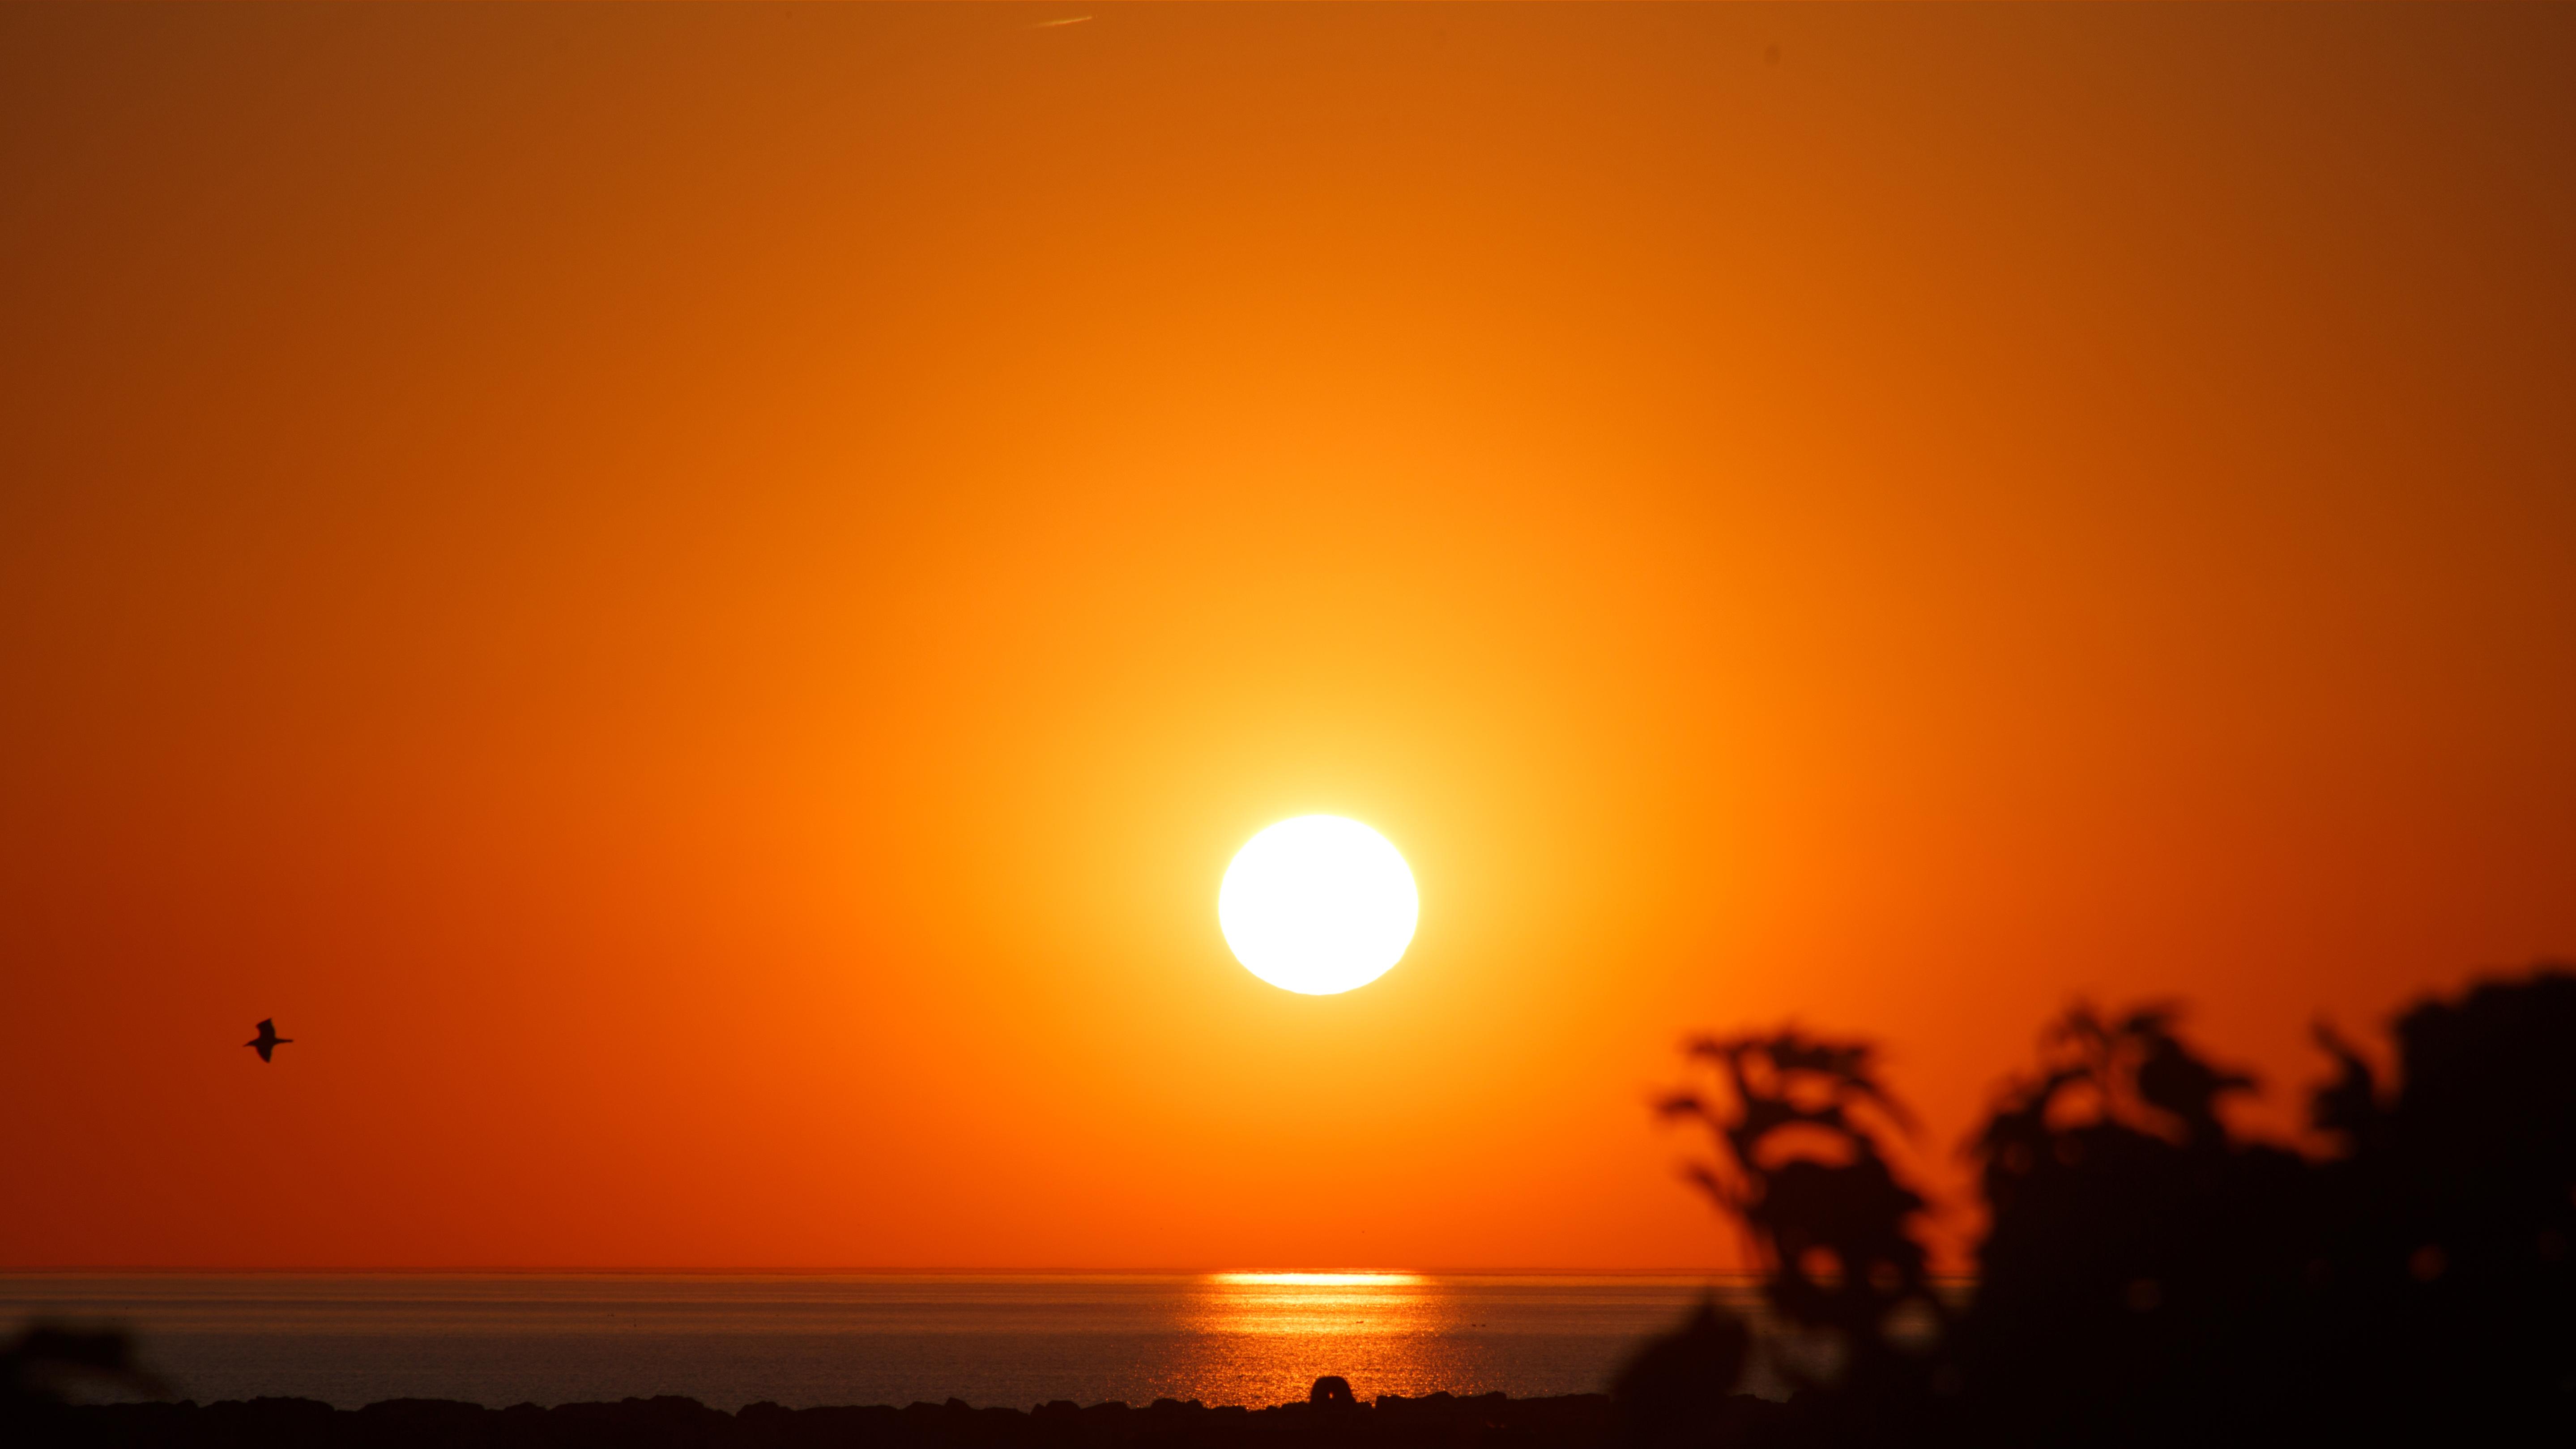 astronomy sunrise sunset - photo #8